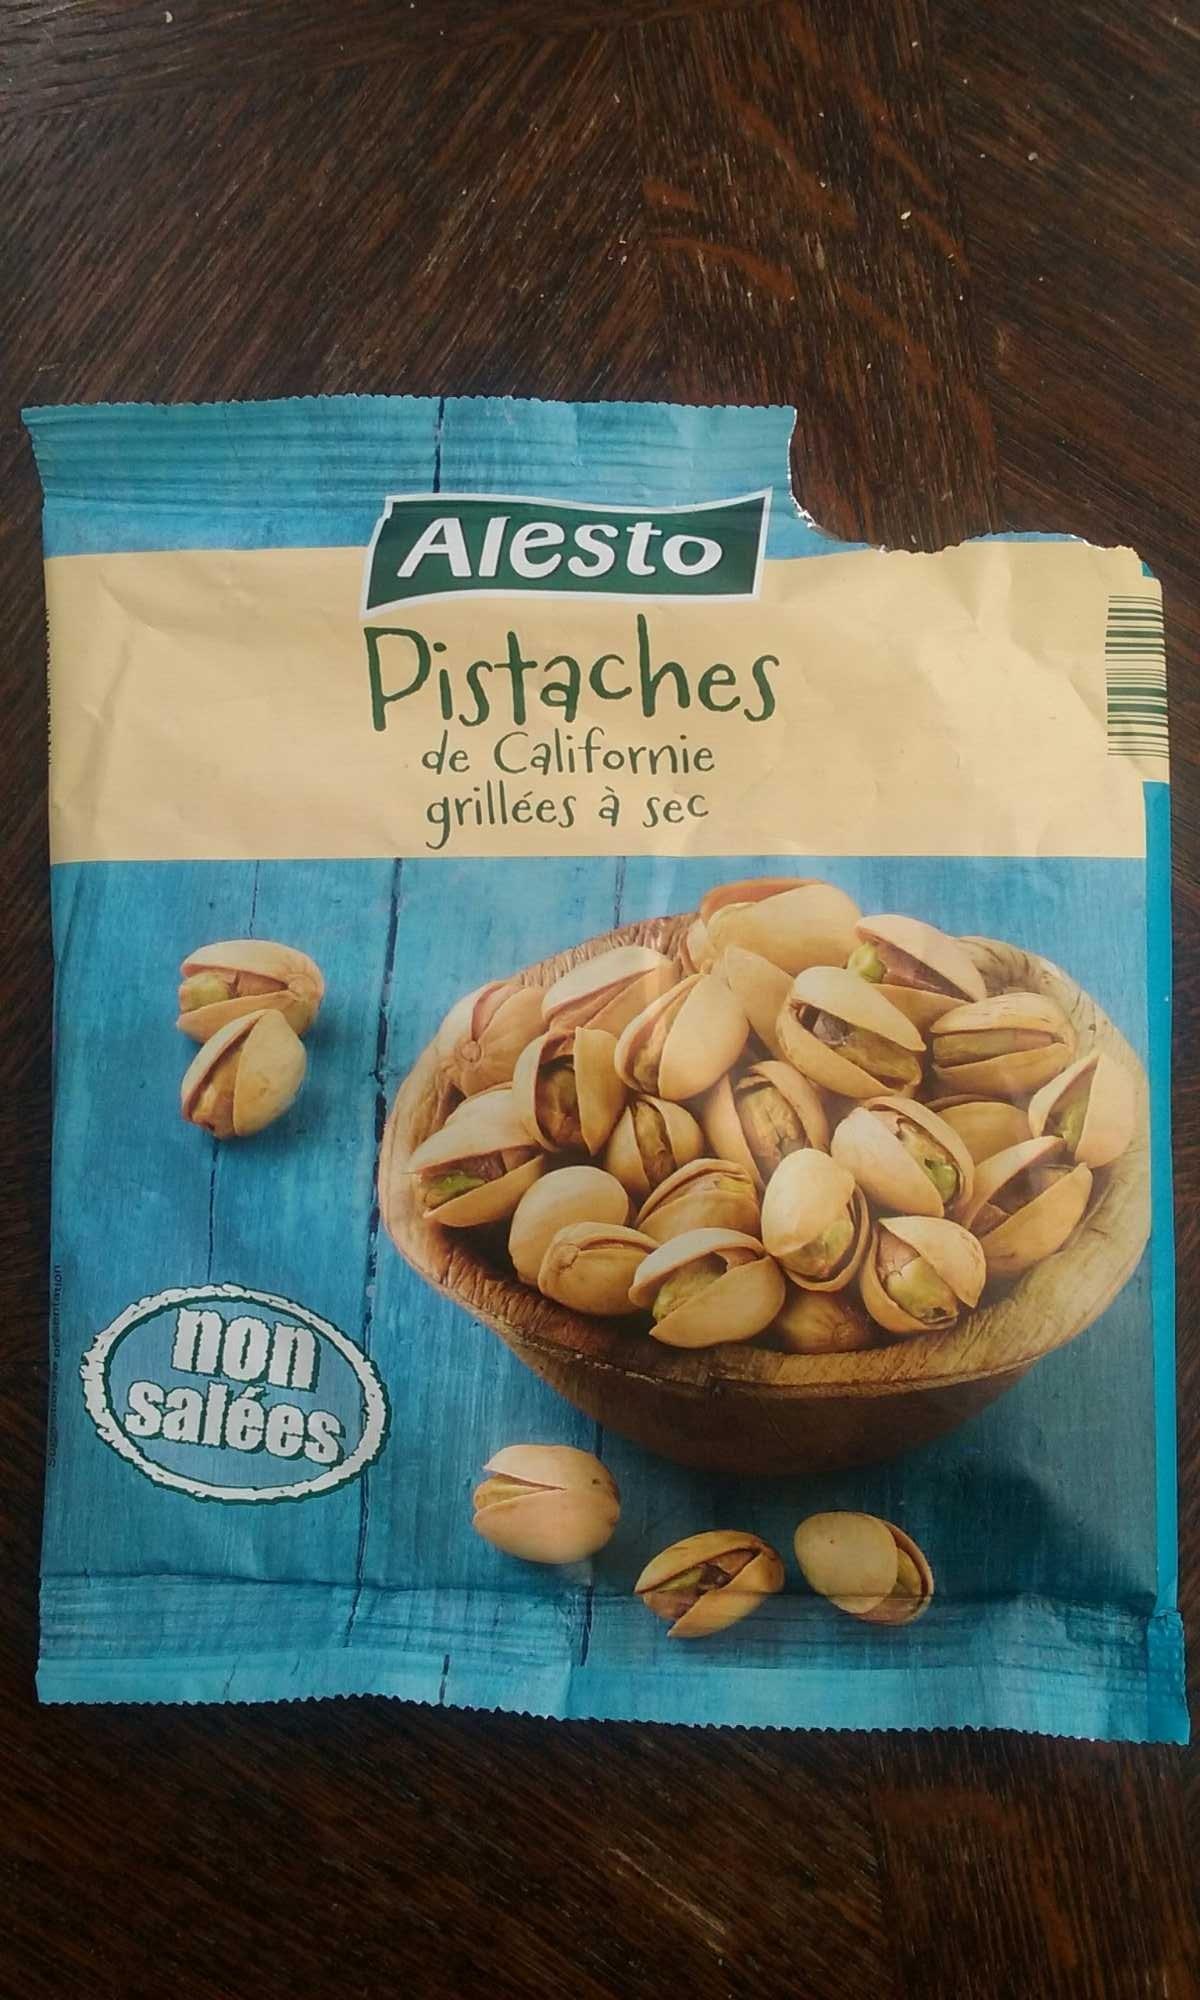 Pistaches de californe grill es sec alesto 250 g - Calories pistaches grillees ...